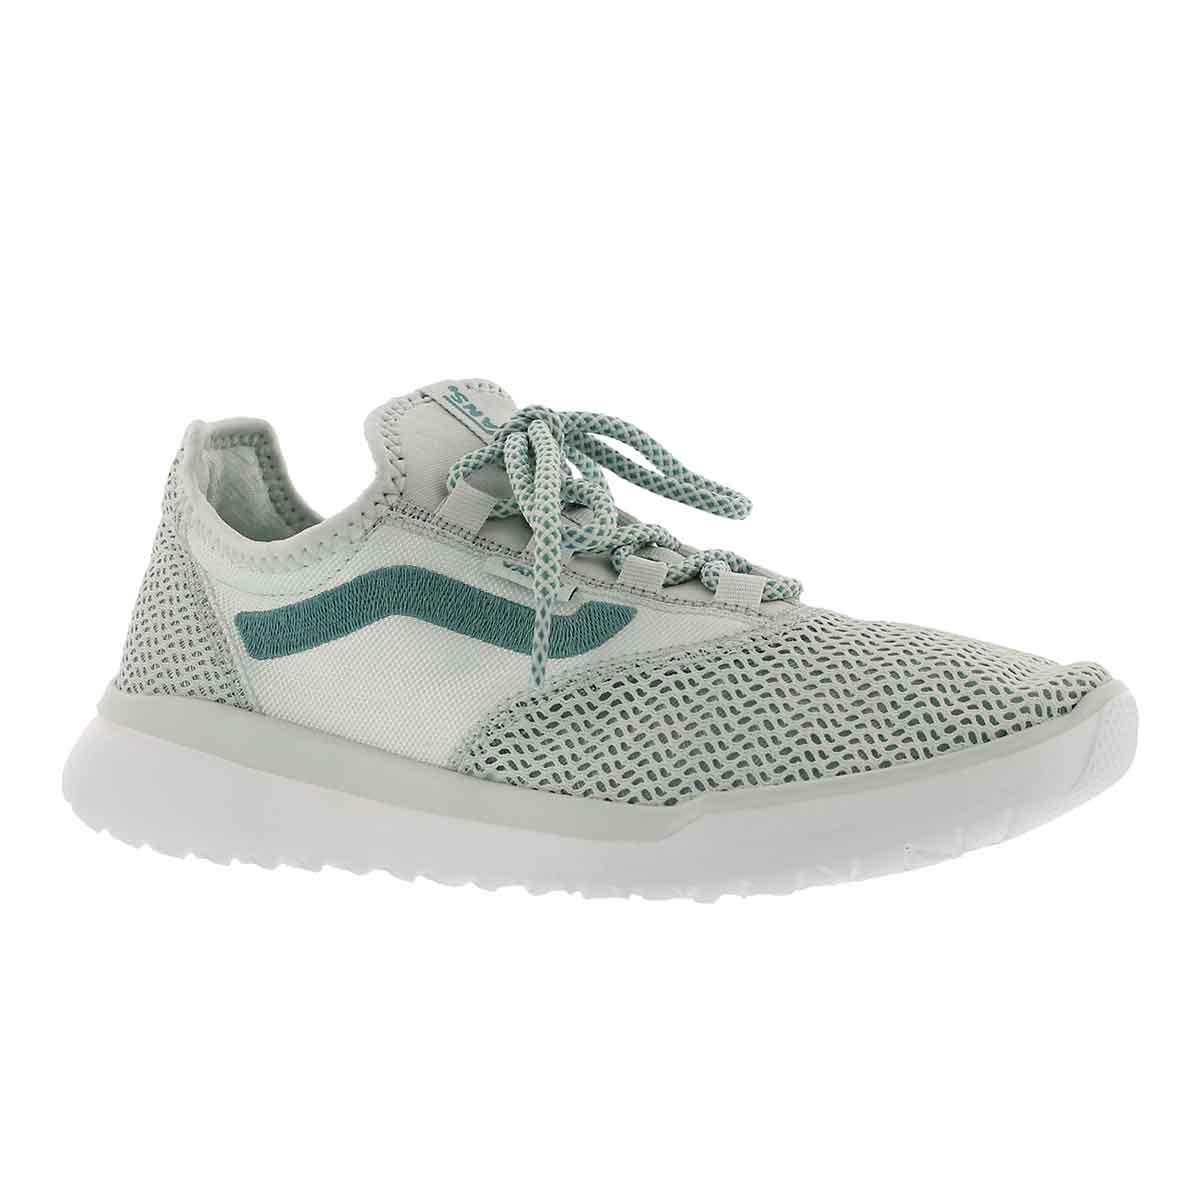 Women's CERUS LITE mint/blue lace up sneakers